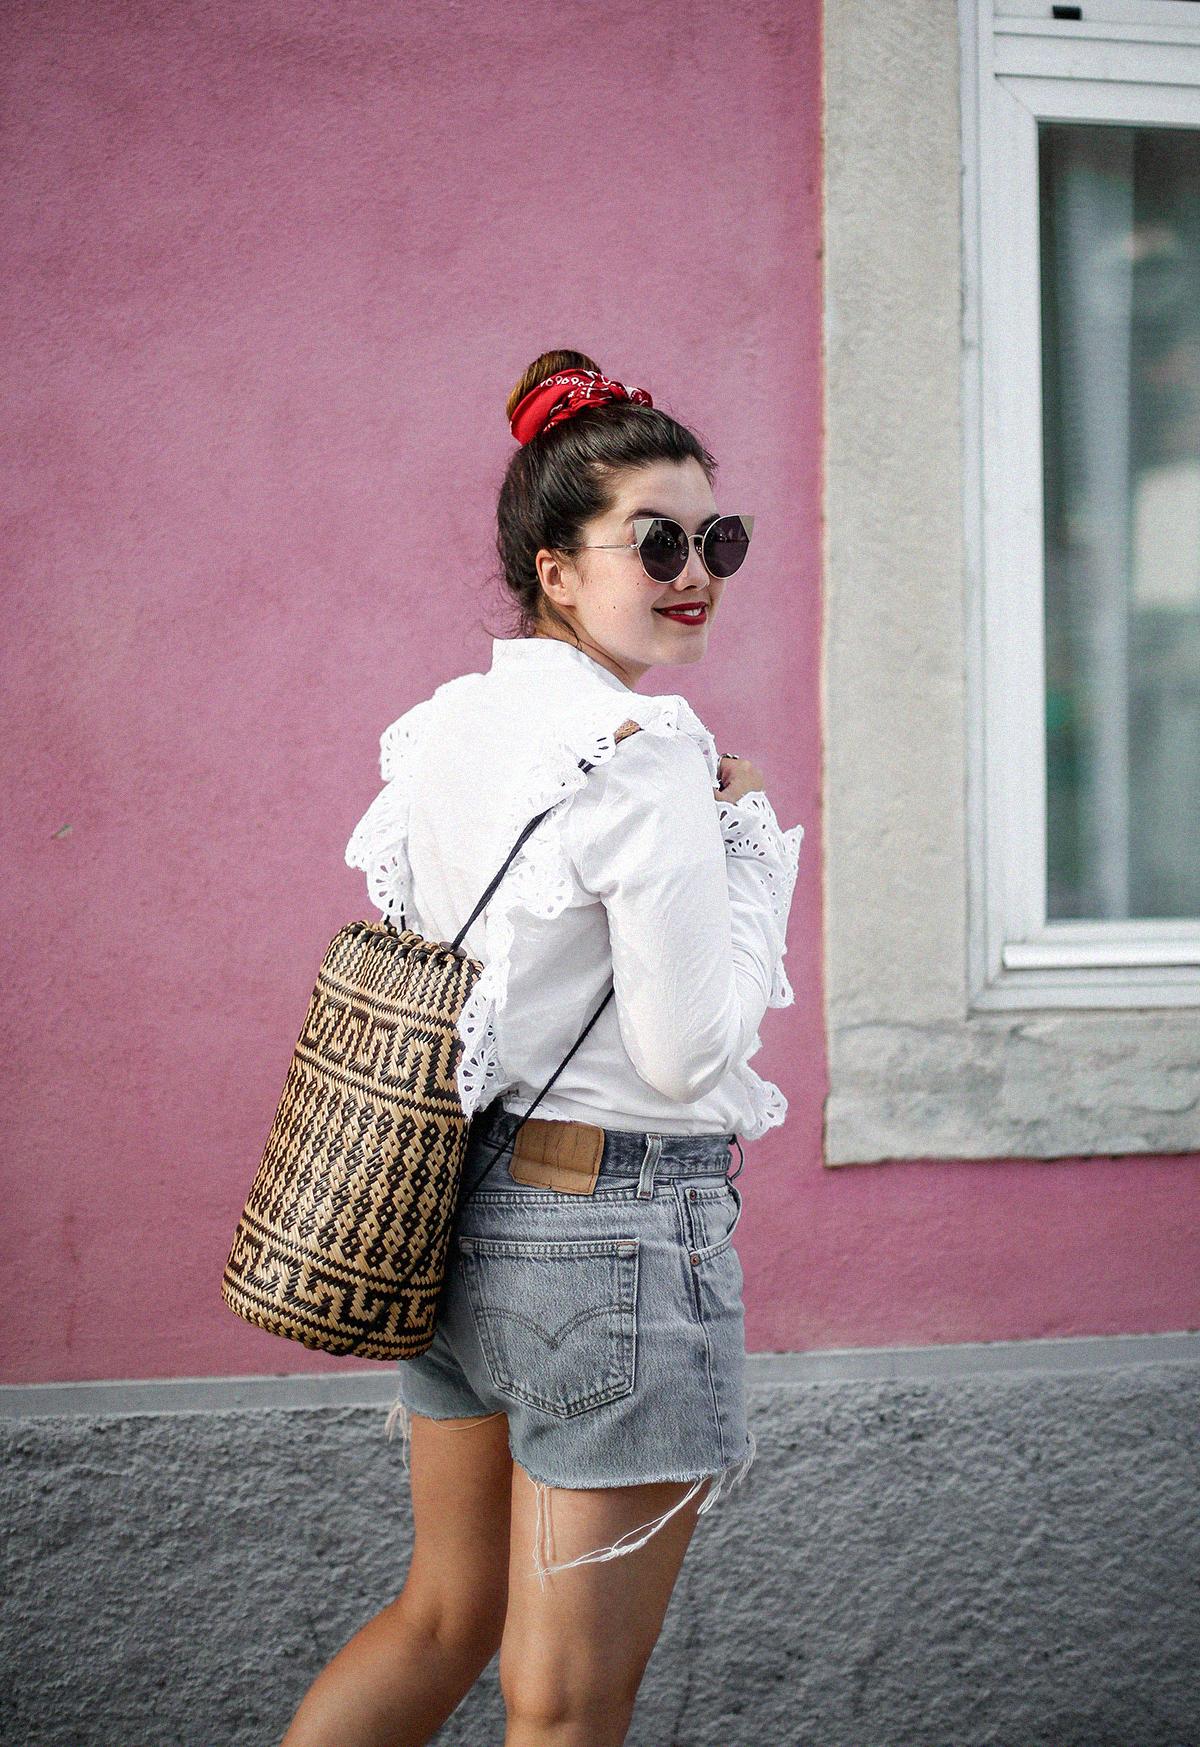 pañuelo-cabe-zacamisa-volantes-shorts-levis-outfit-myblueberrynighsblog-lisboa8